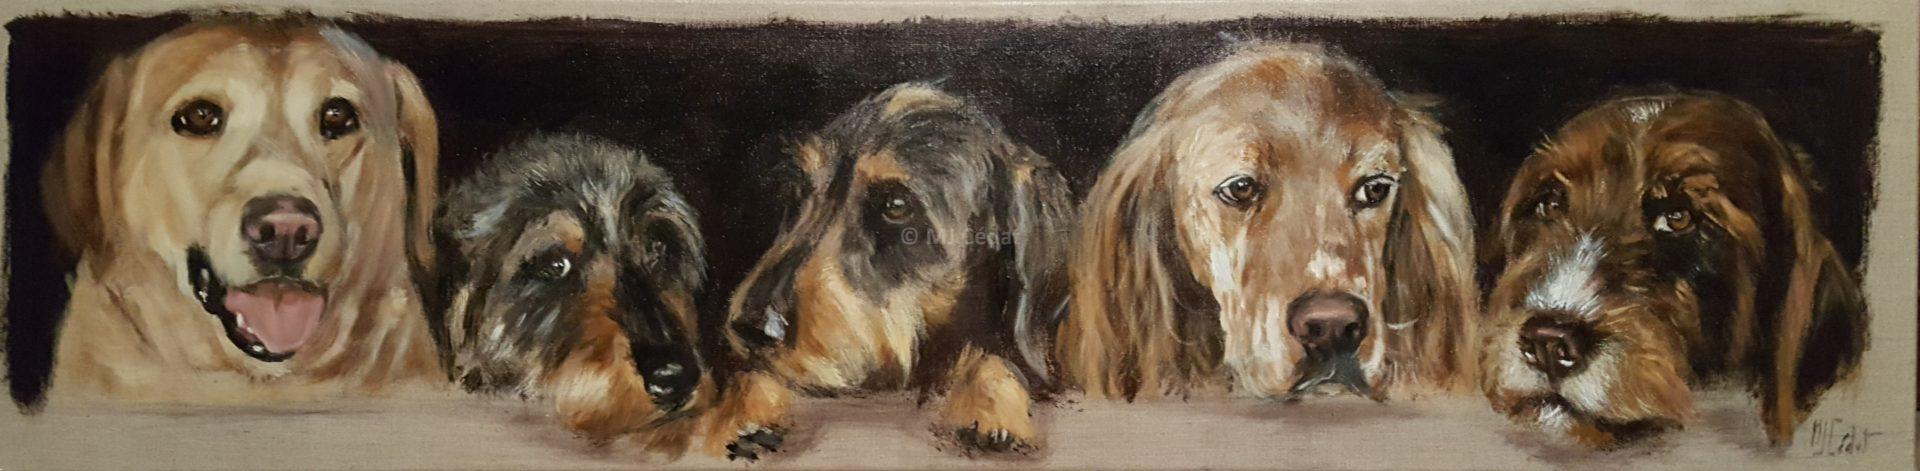 Meute Chiens – chiens Acrylique sur lin brut 120 x 30 cm